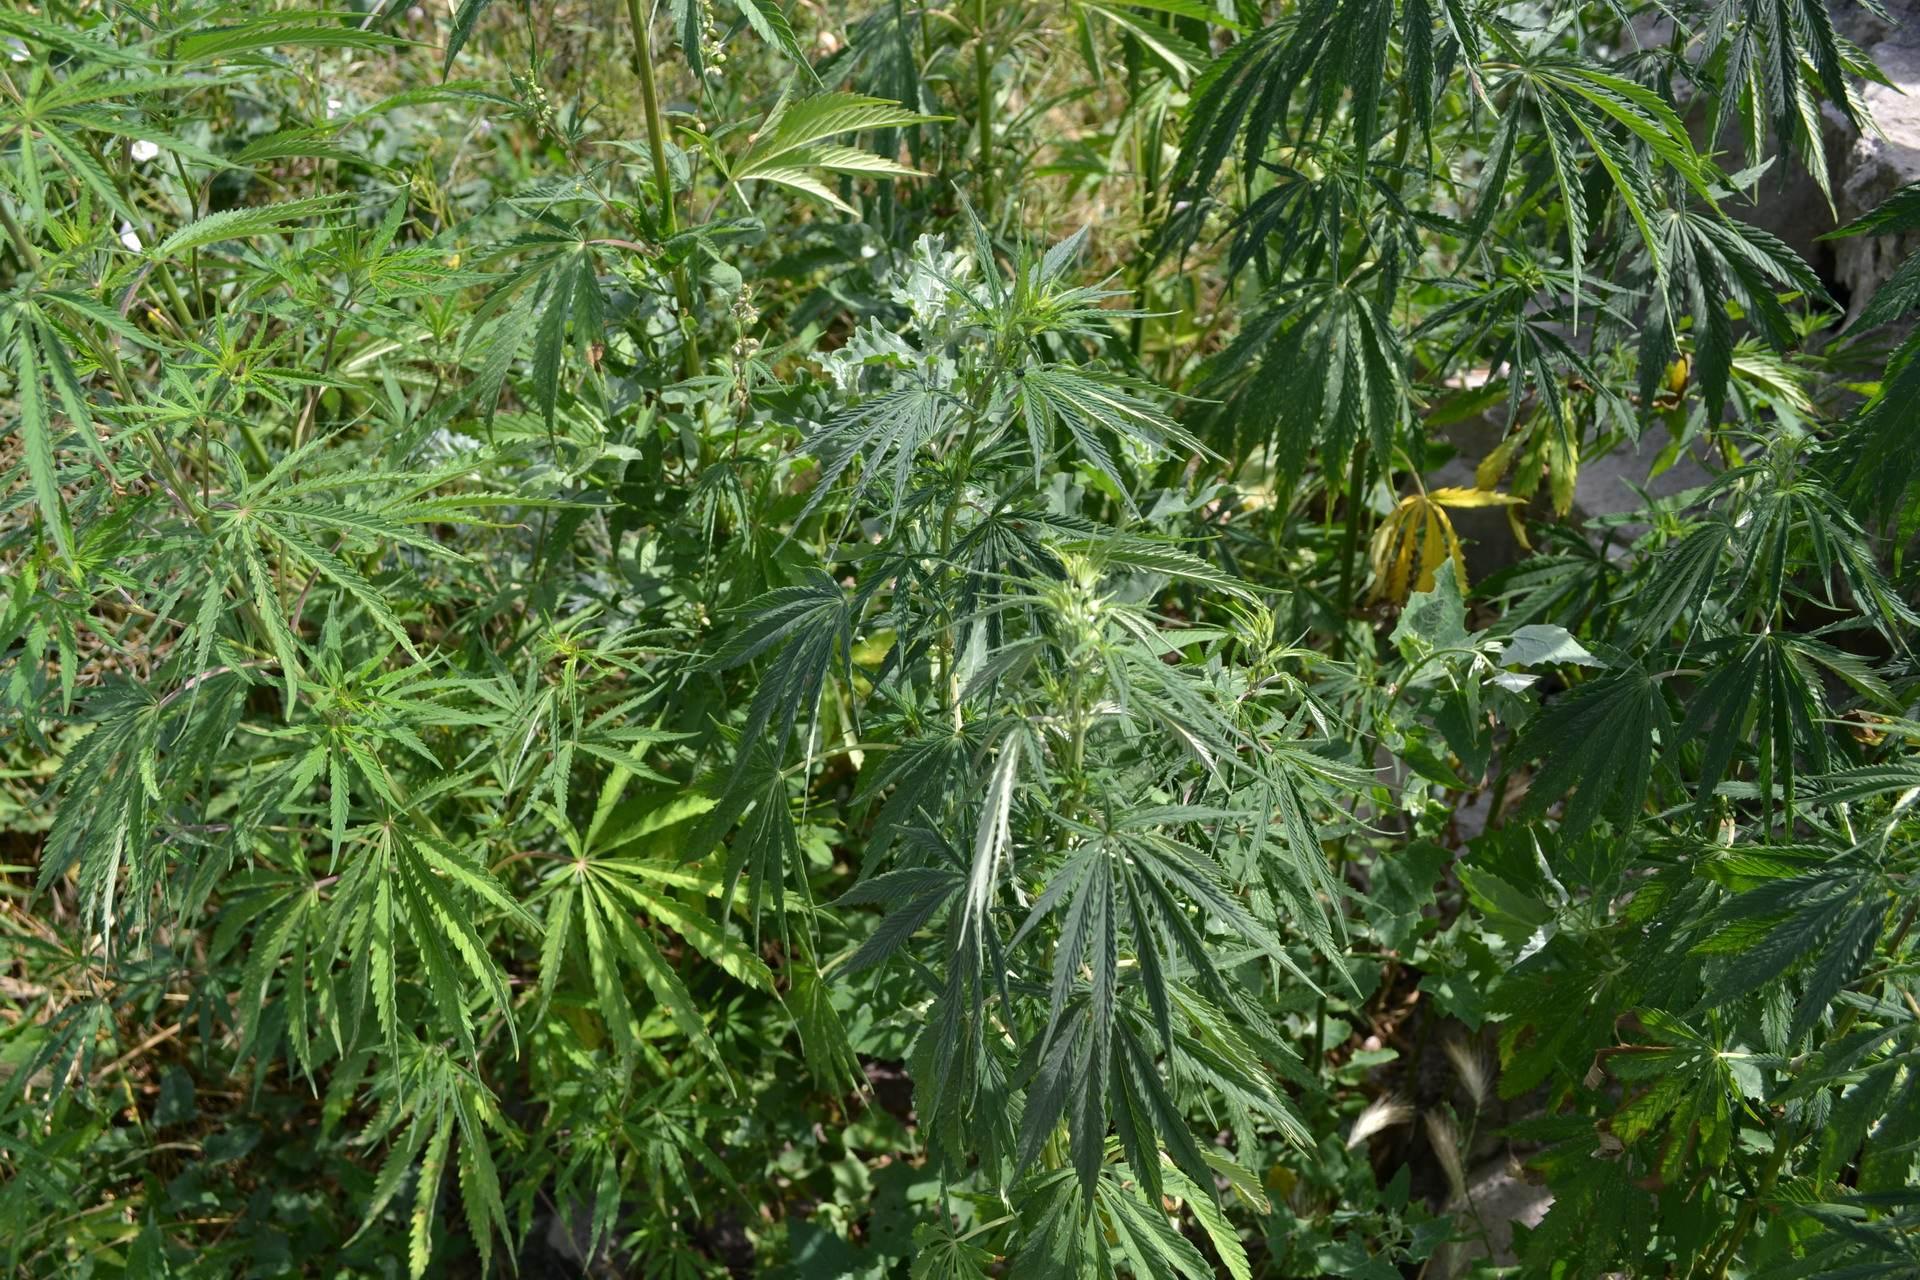 марихуана в природе, ахальцихе, грузия